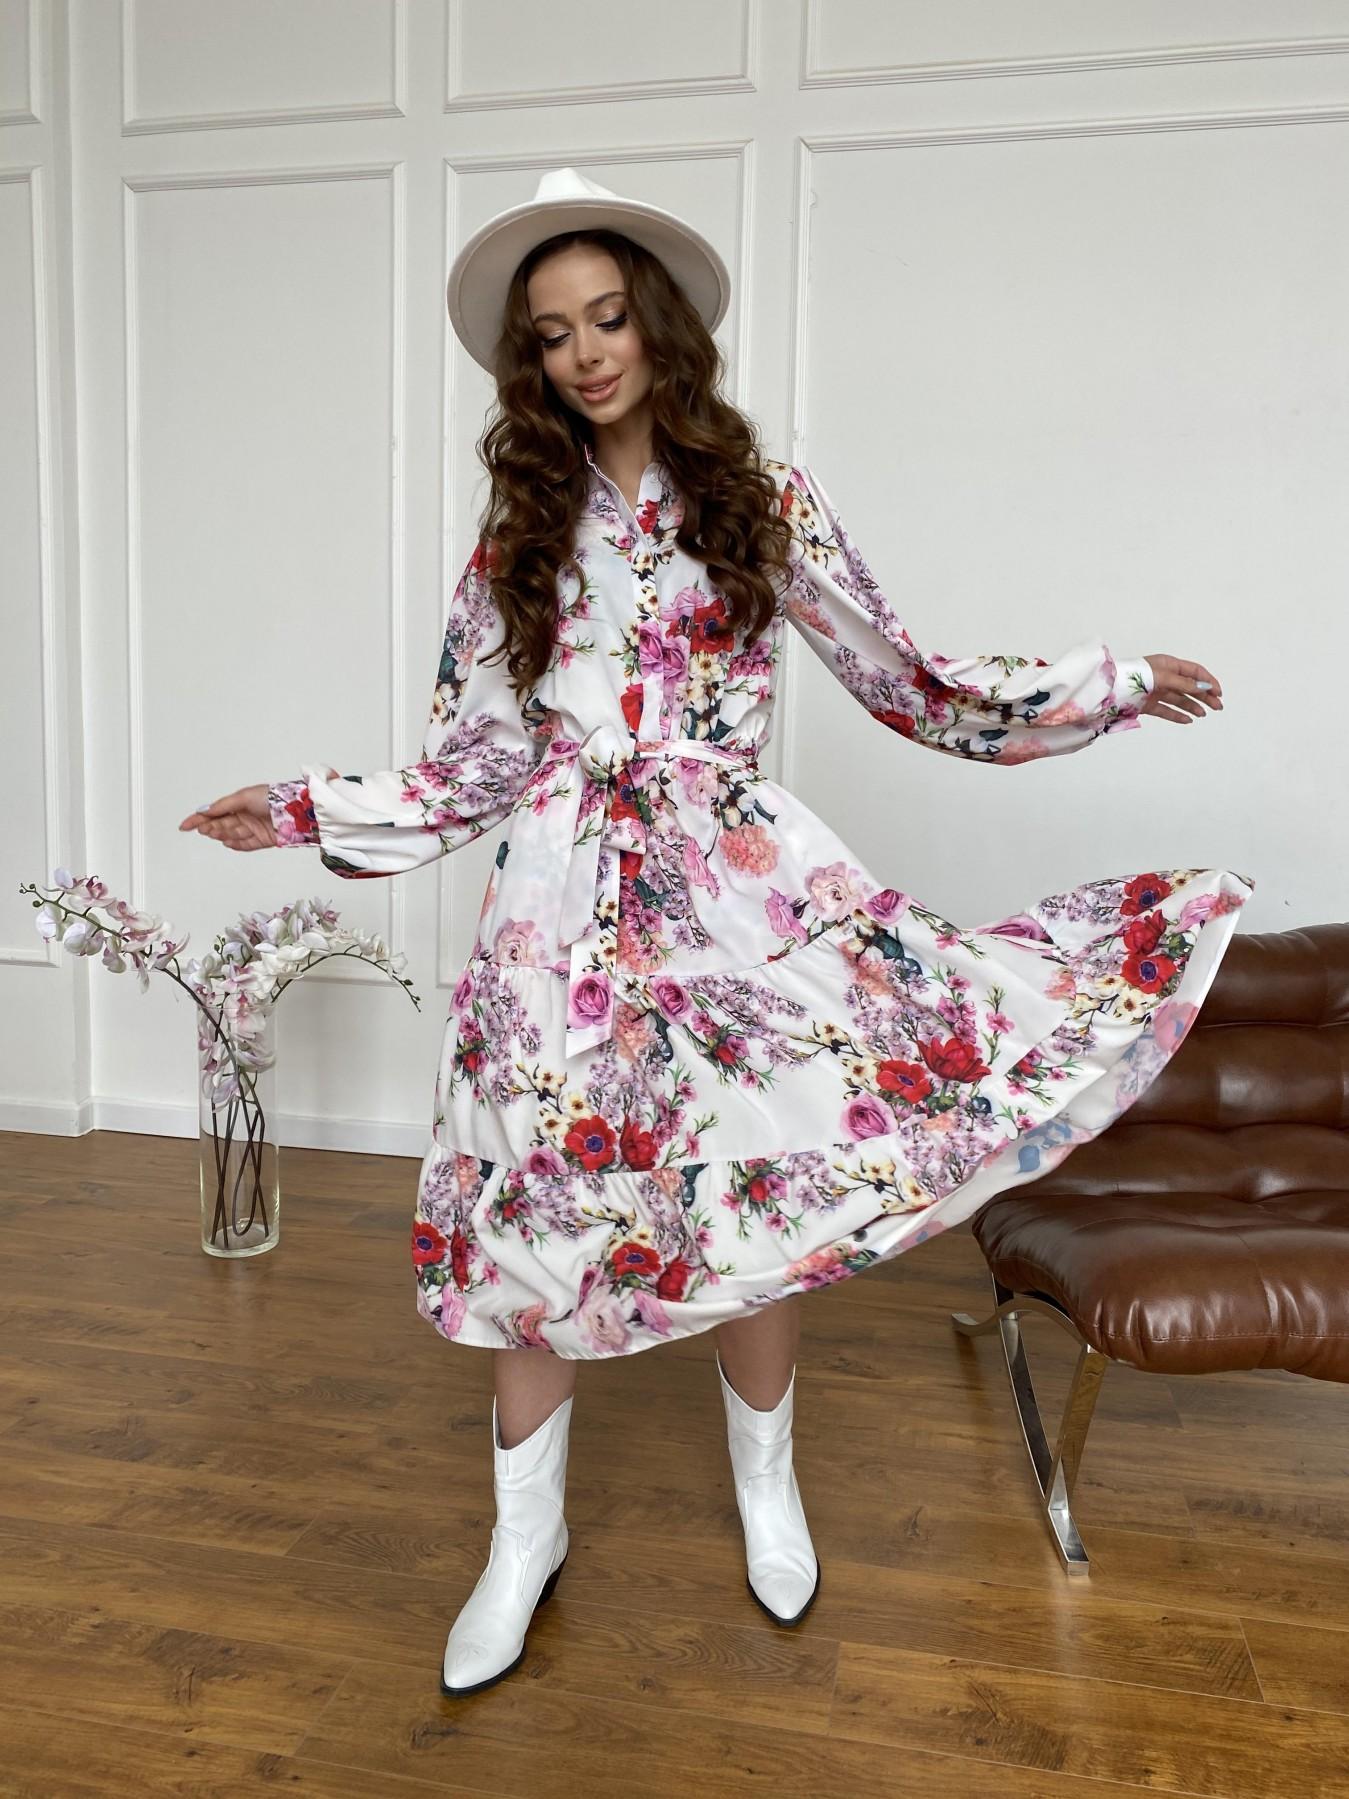 Лилия платье  софт принт бистрейч 11171 АРТ. 47709 Цвет: ВесенБукетМол/Роз/Крас - фото 4, интернет магазин tm-modus.ru